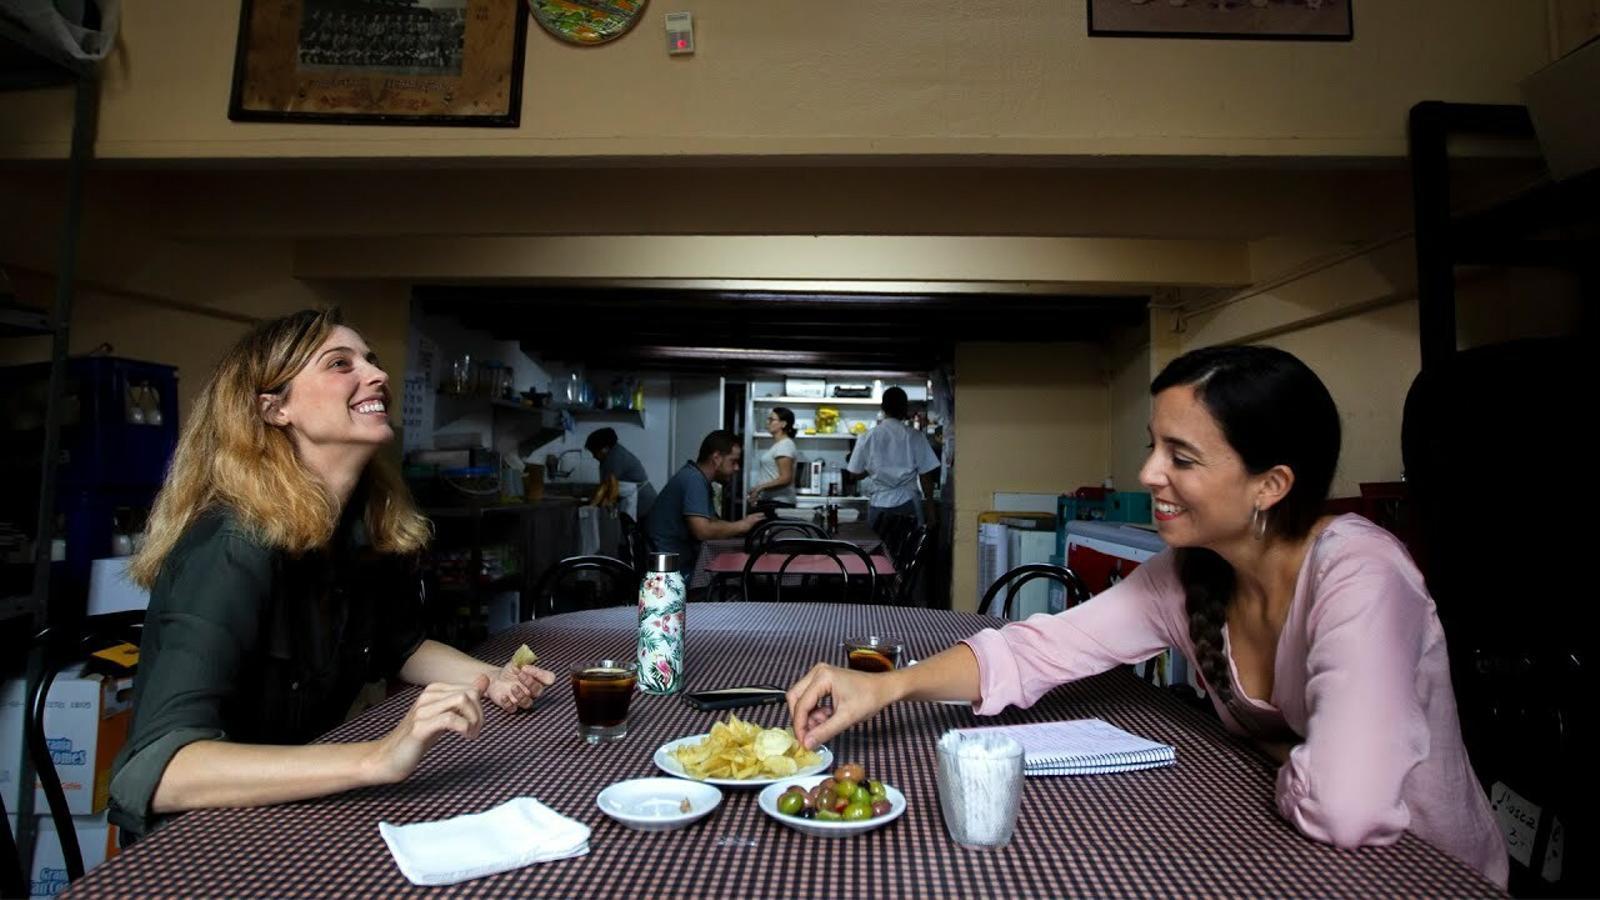 """Leticia Dolera: """"Un moment de felicitat va ser quan ens van donar el premi a millor actriu a Canes i també els espaguetis que vam menjar després a l'habitació de l'hotel"""""""